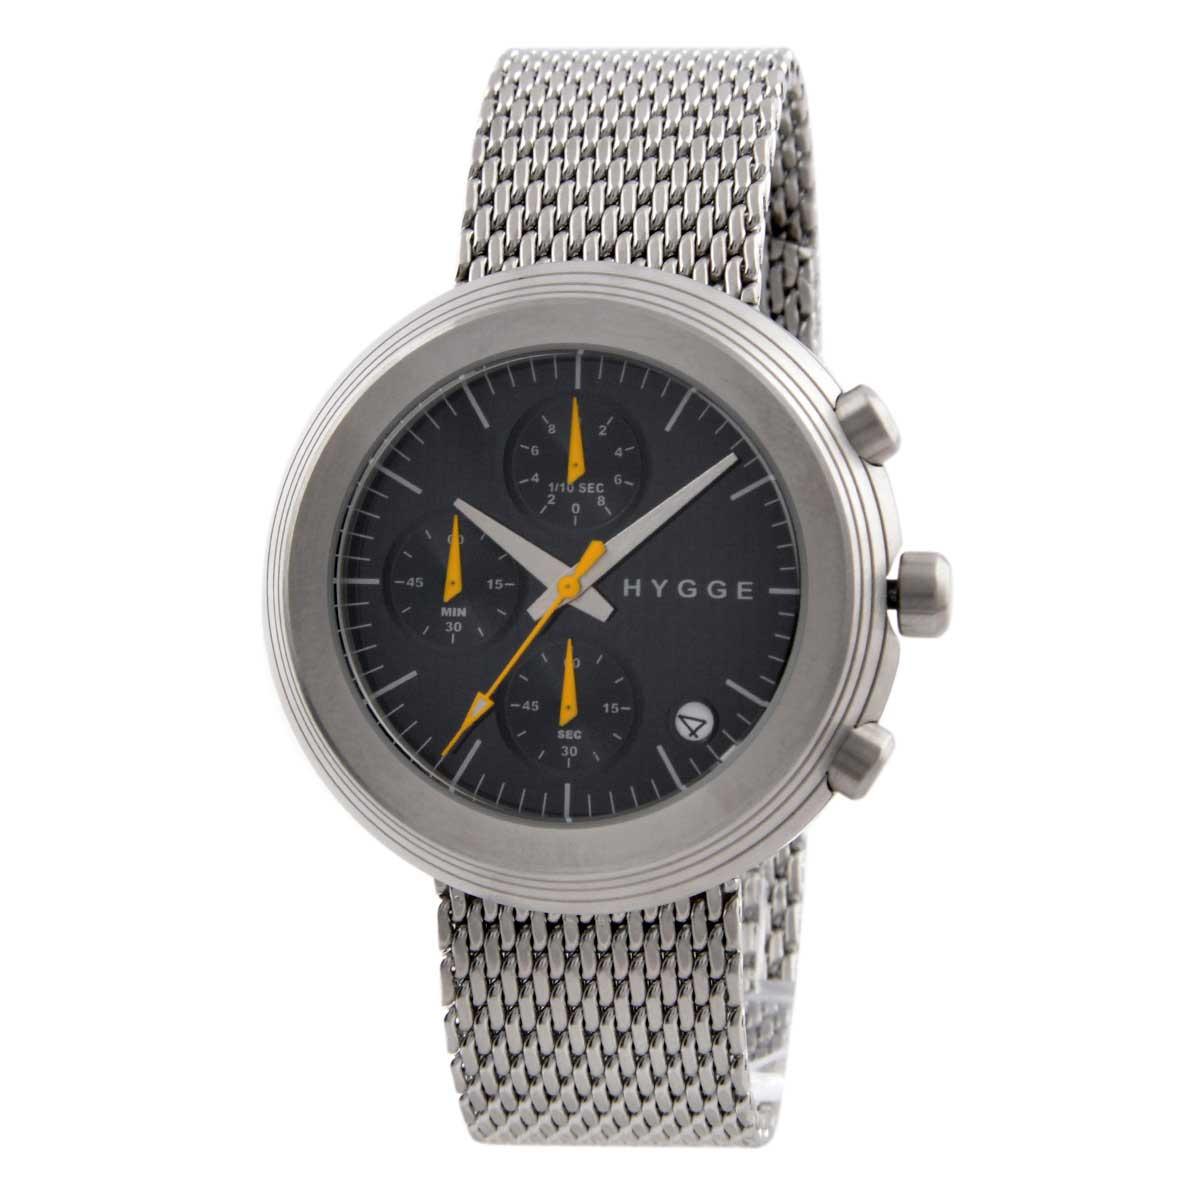 ヒュッゲ HYGGE メッシュ MSM2312C(BK) ユニセックス メンズ レディース 腕時計